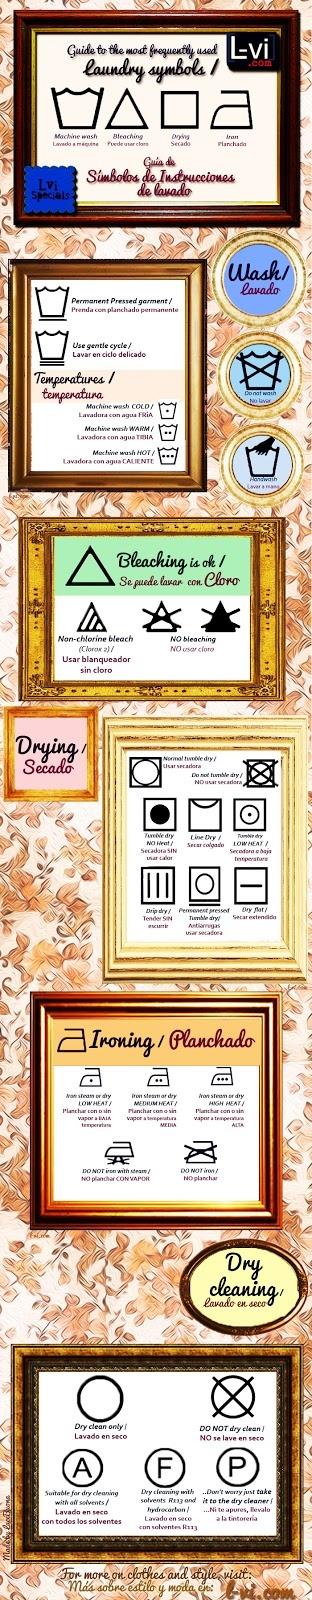 Lvi Specials: Guide to Laundy symbols Guía de Símbolos de Instrucciones de lavado.